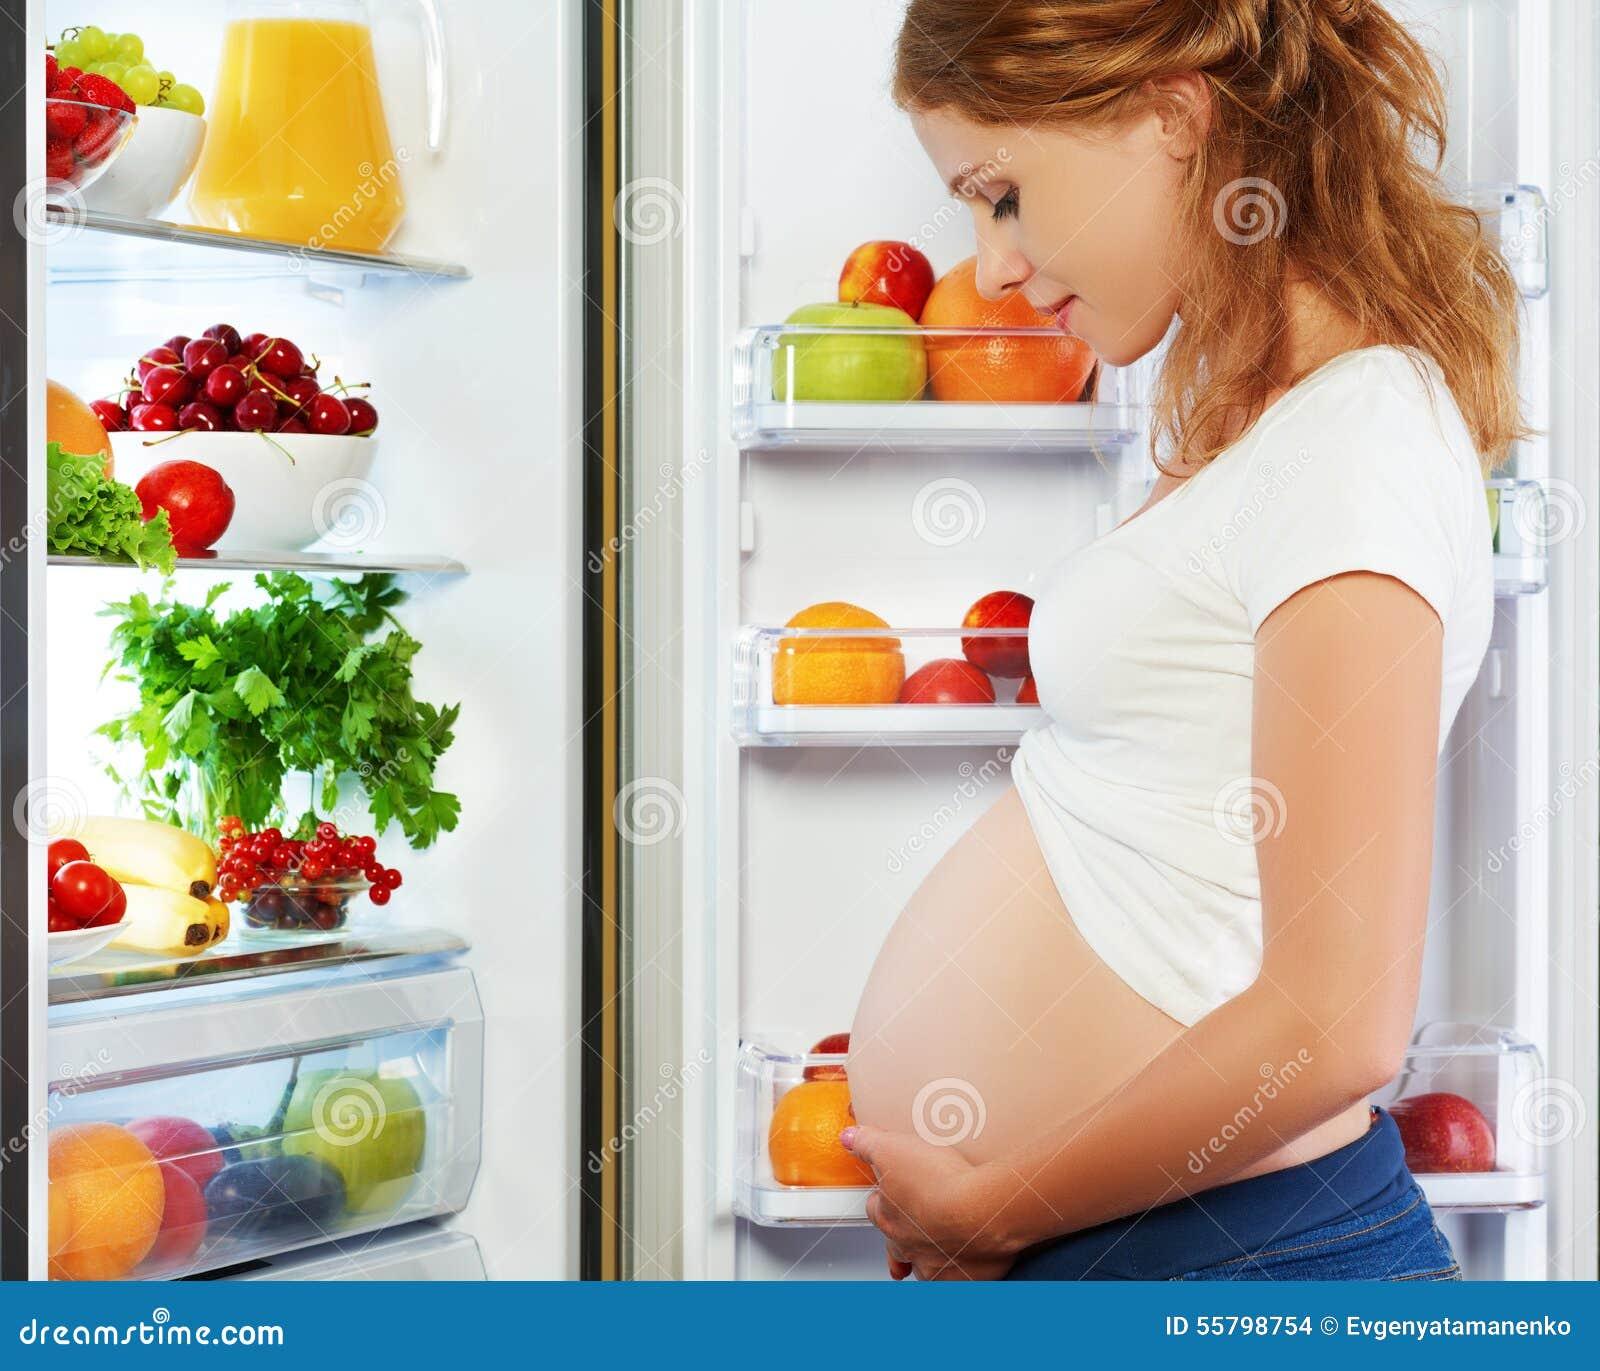 dieta adeguata durante la gravidanza